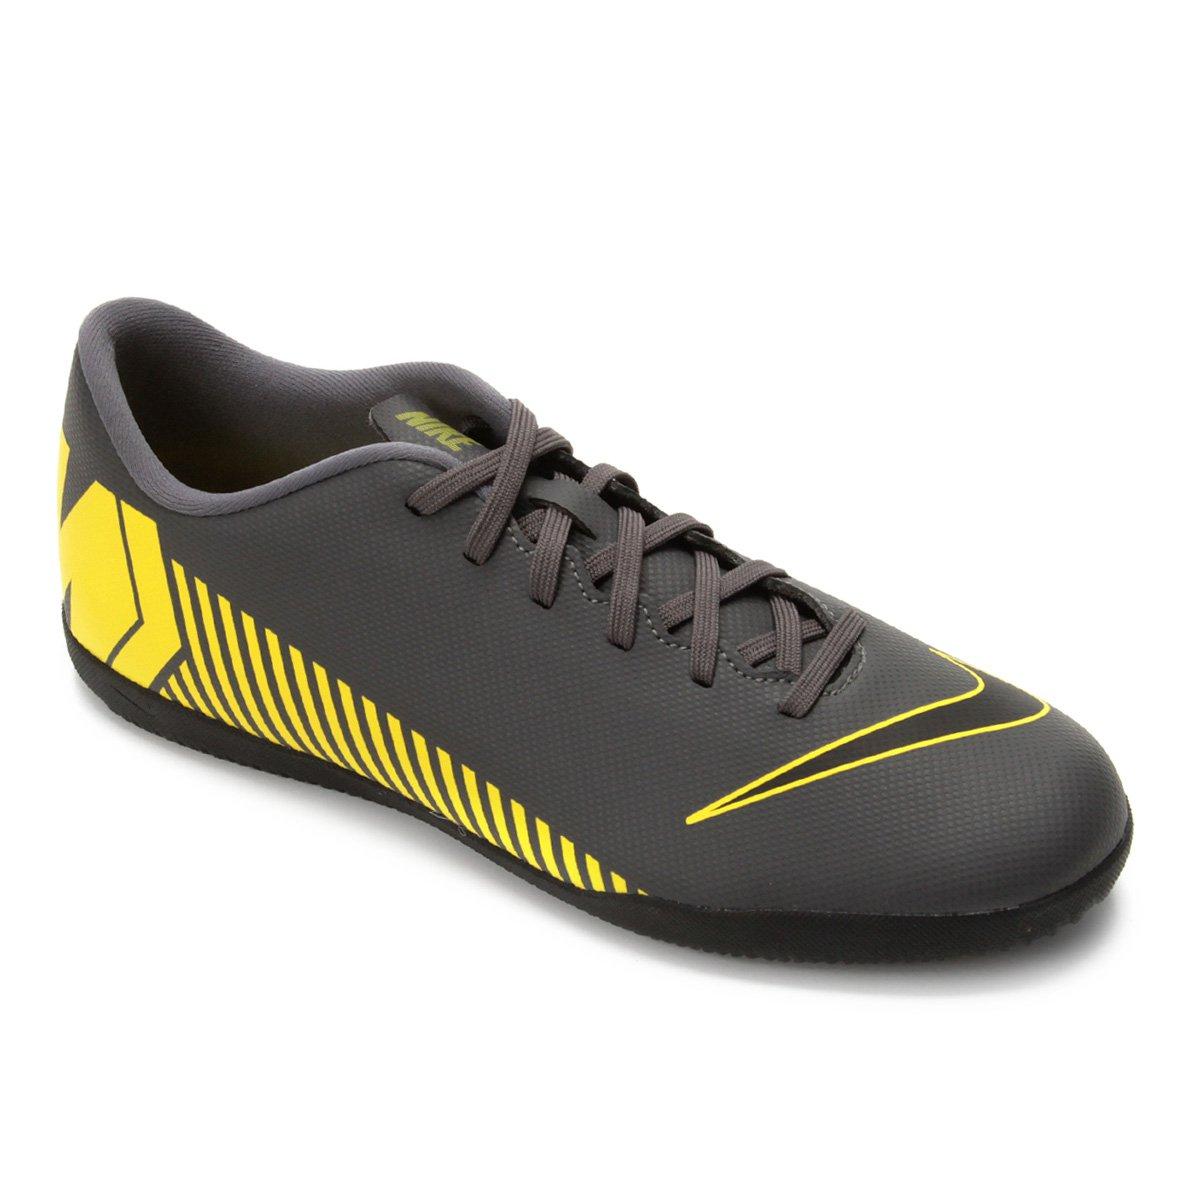 0b4238c41b Chuteira Futsal Nike Mercurial Vapor 12 Club IC - Cinza e Amarelo ...